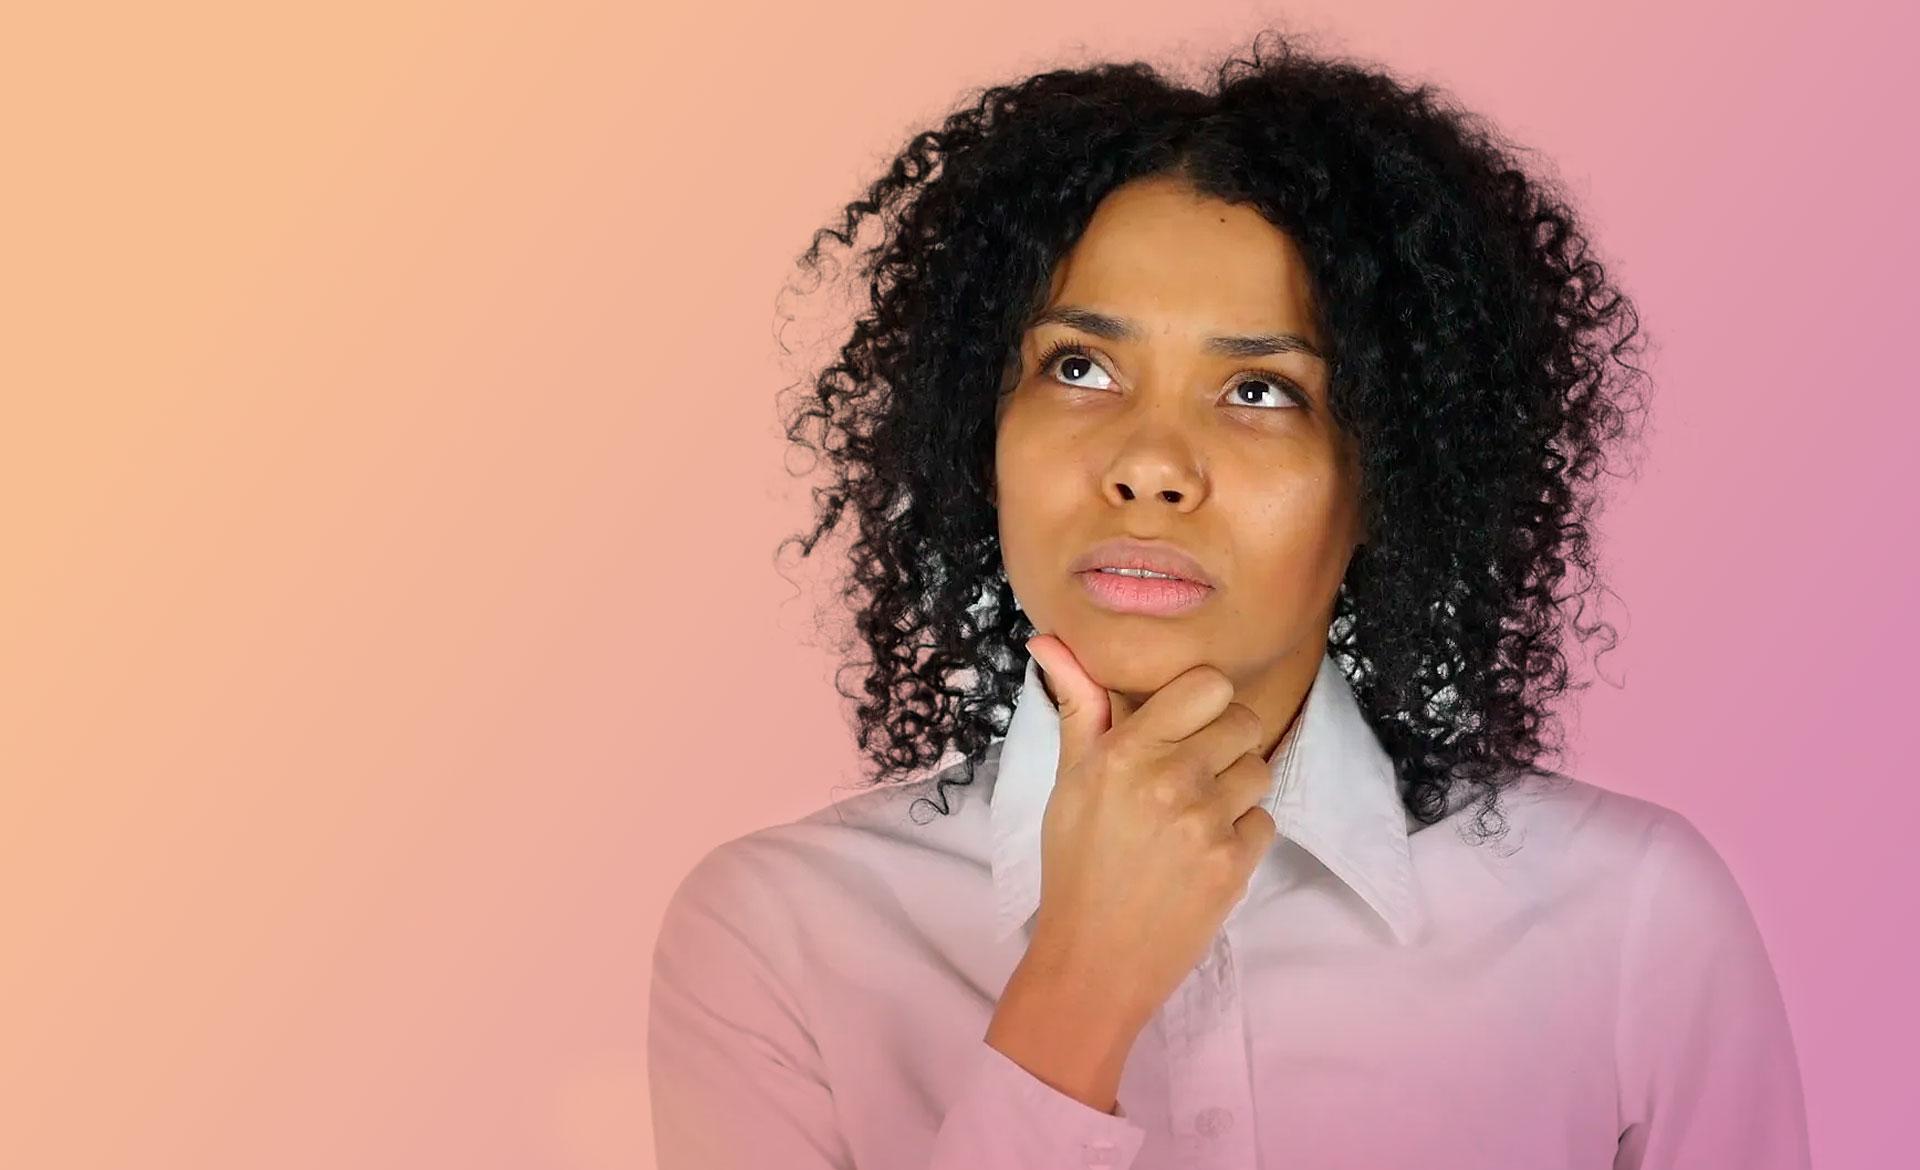 Tenho carcinoma invasivo de mama de subtipo Her-2, e agora?